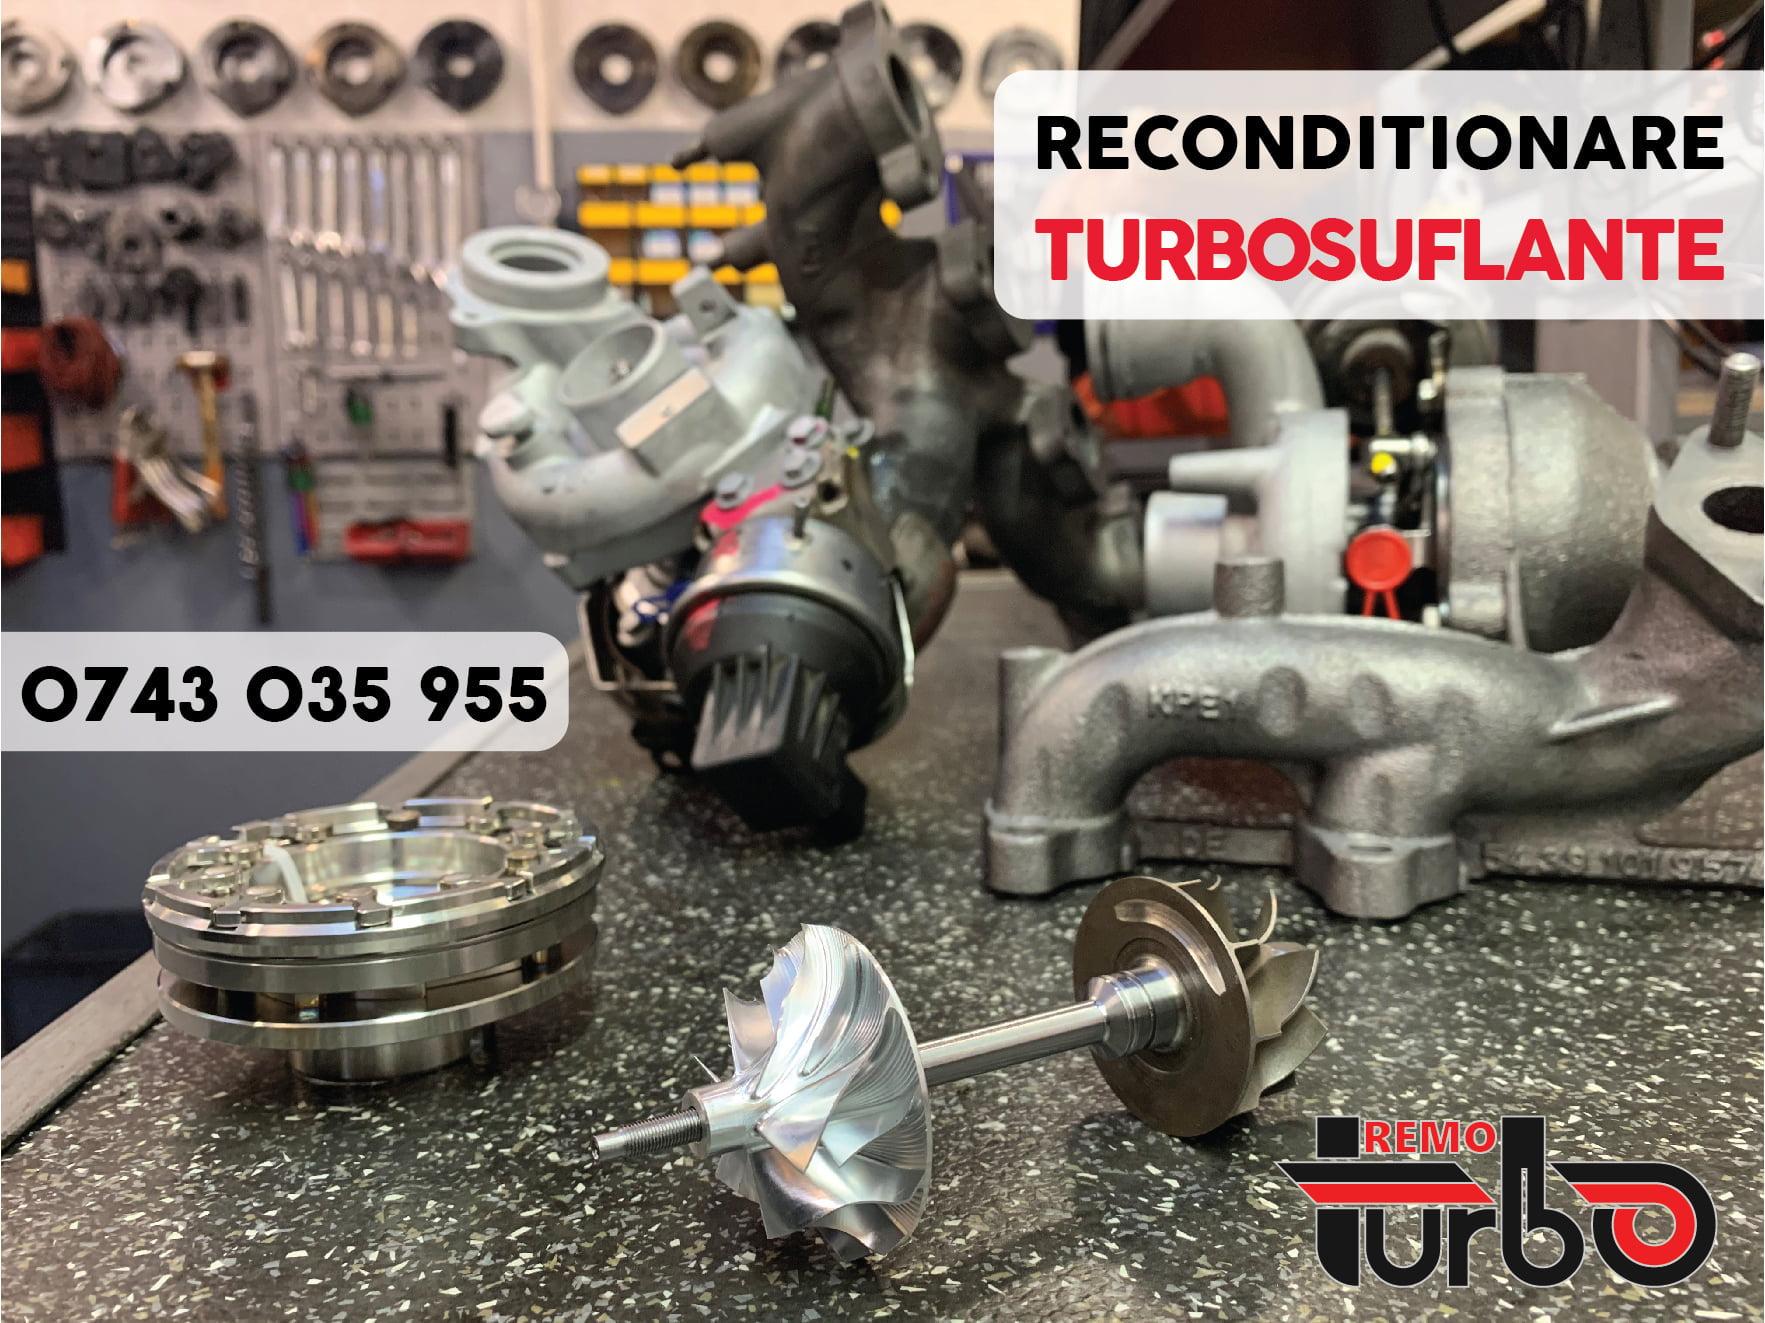 Reconditionare turbo Targu Mures